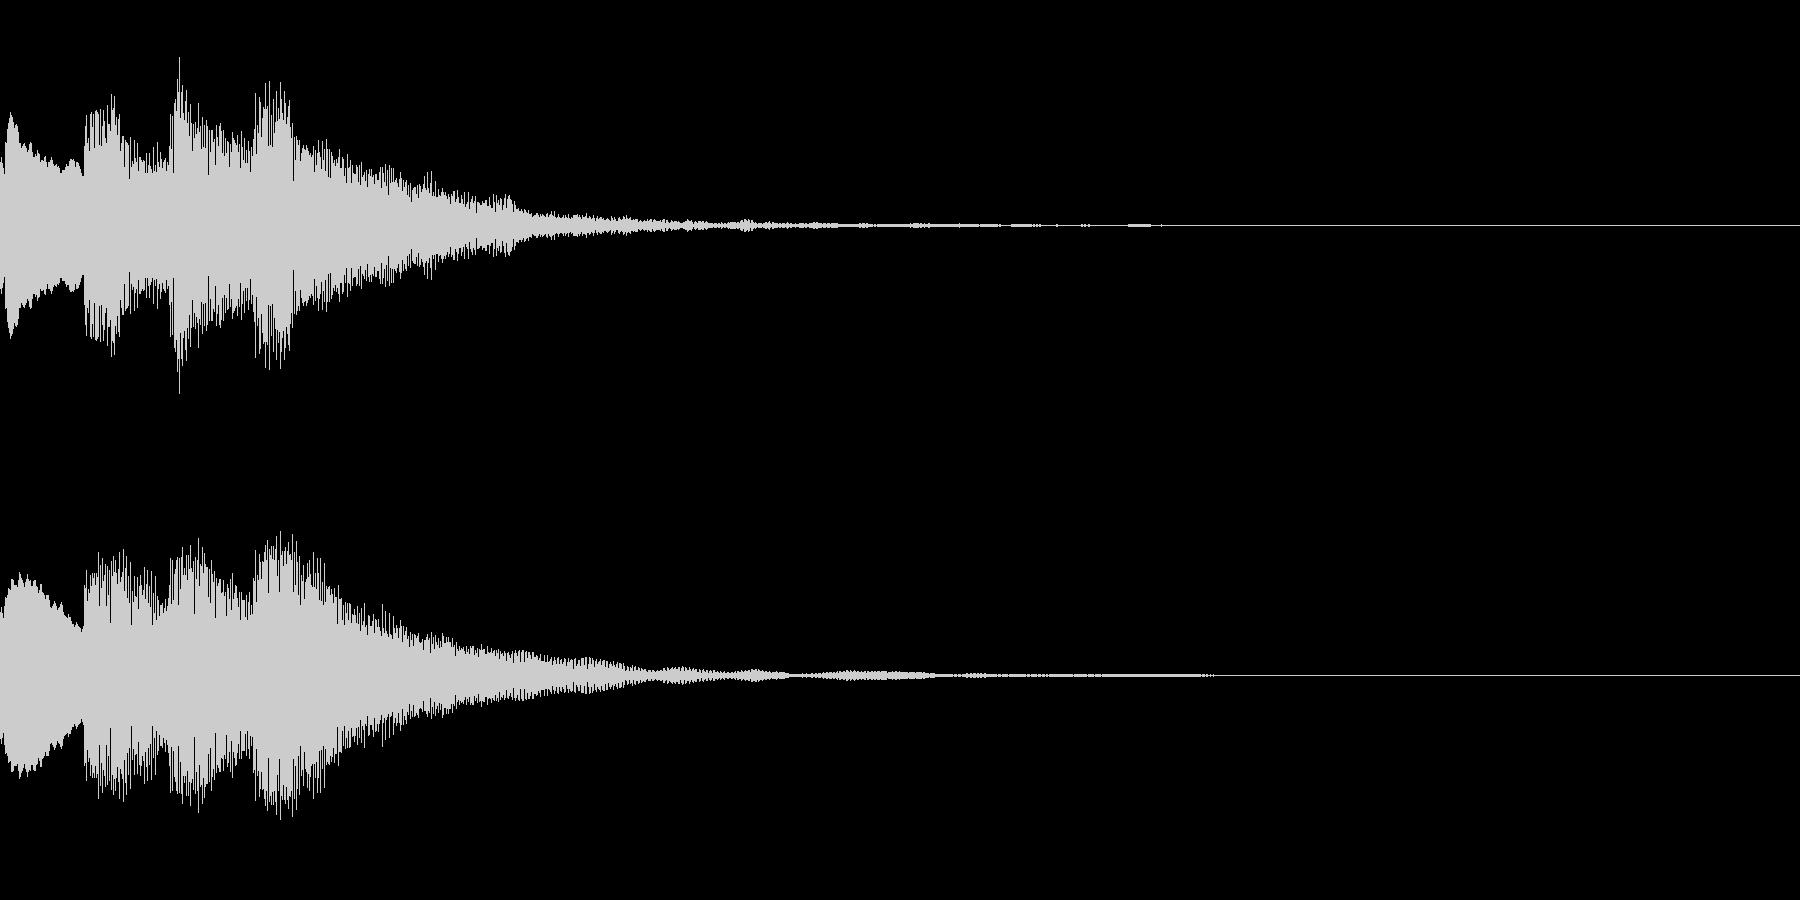 ピンポンピンポン 正解 おとなしめの未再生の波形